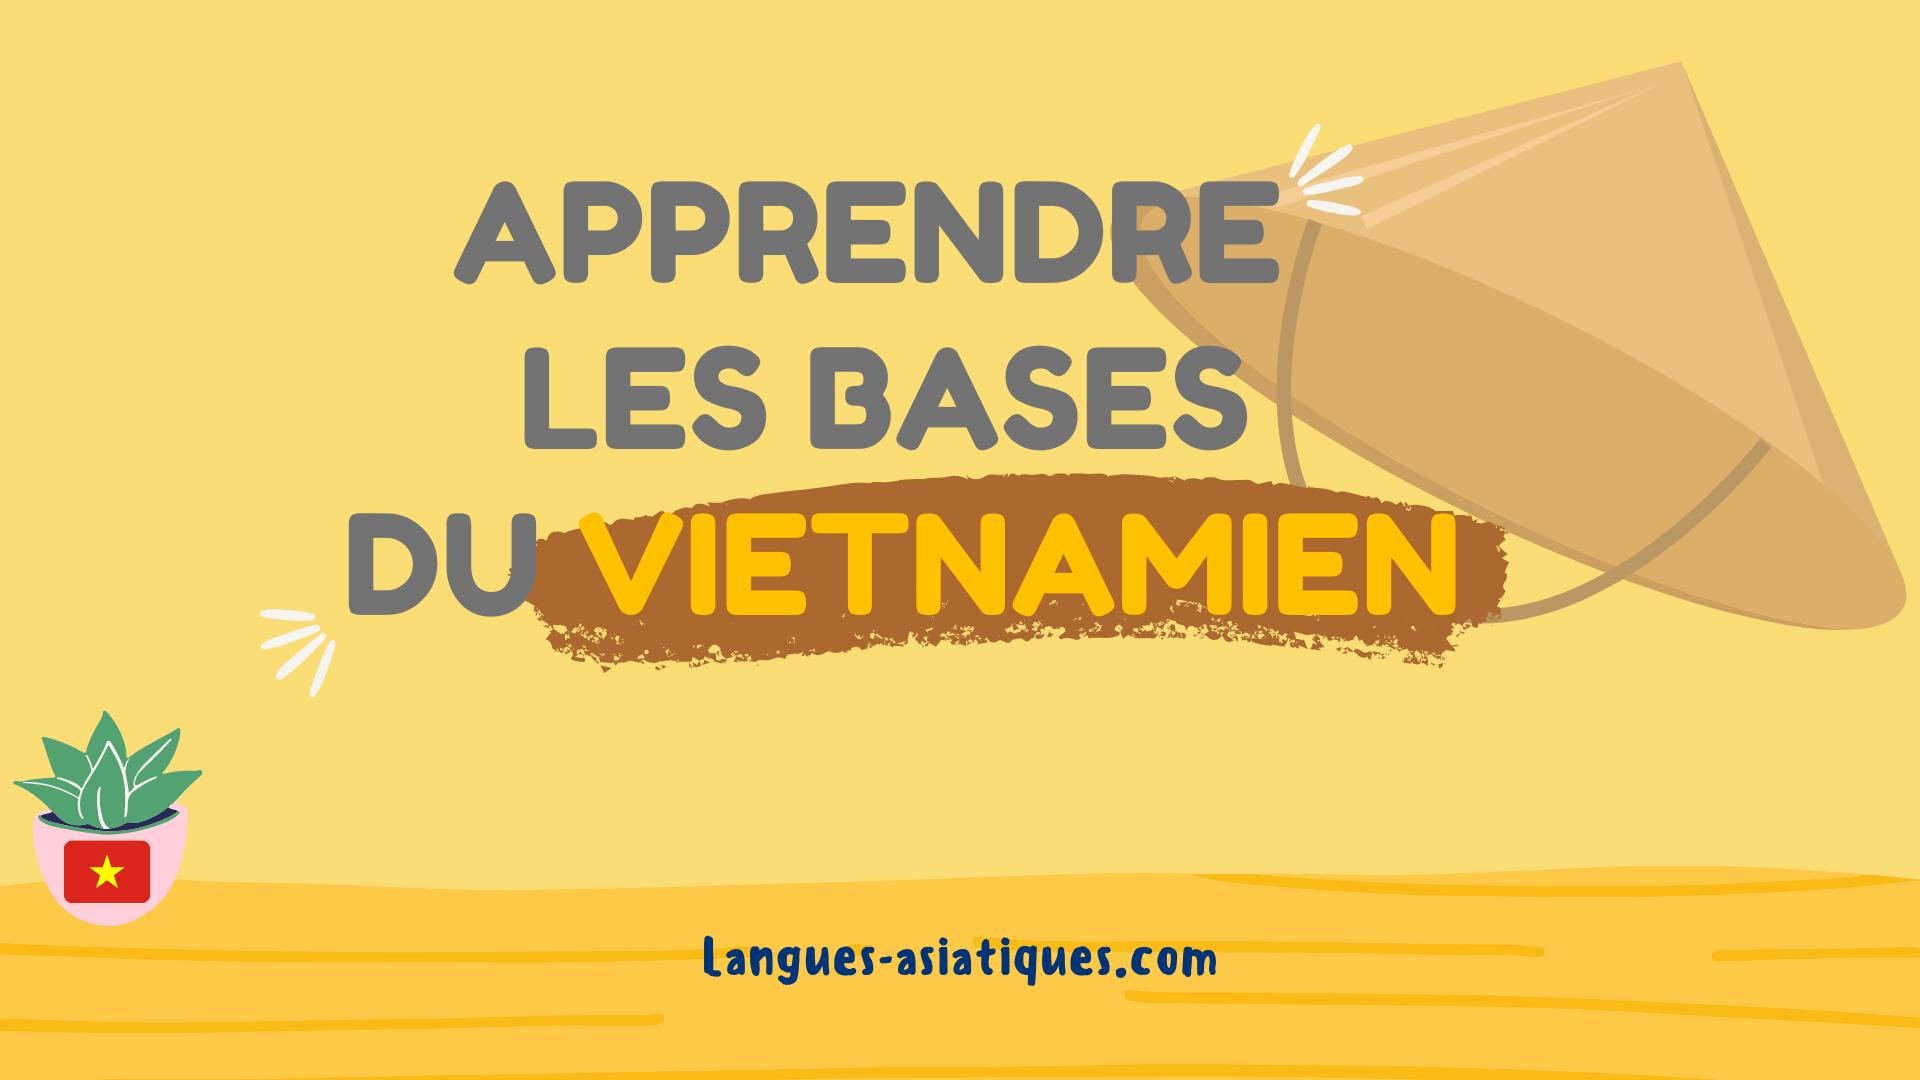 apprendre les bases du vietnamien.png